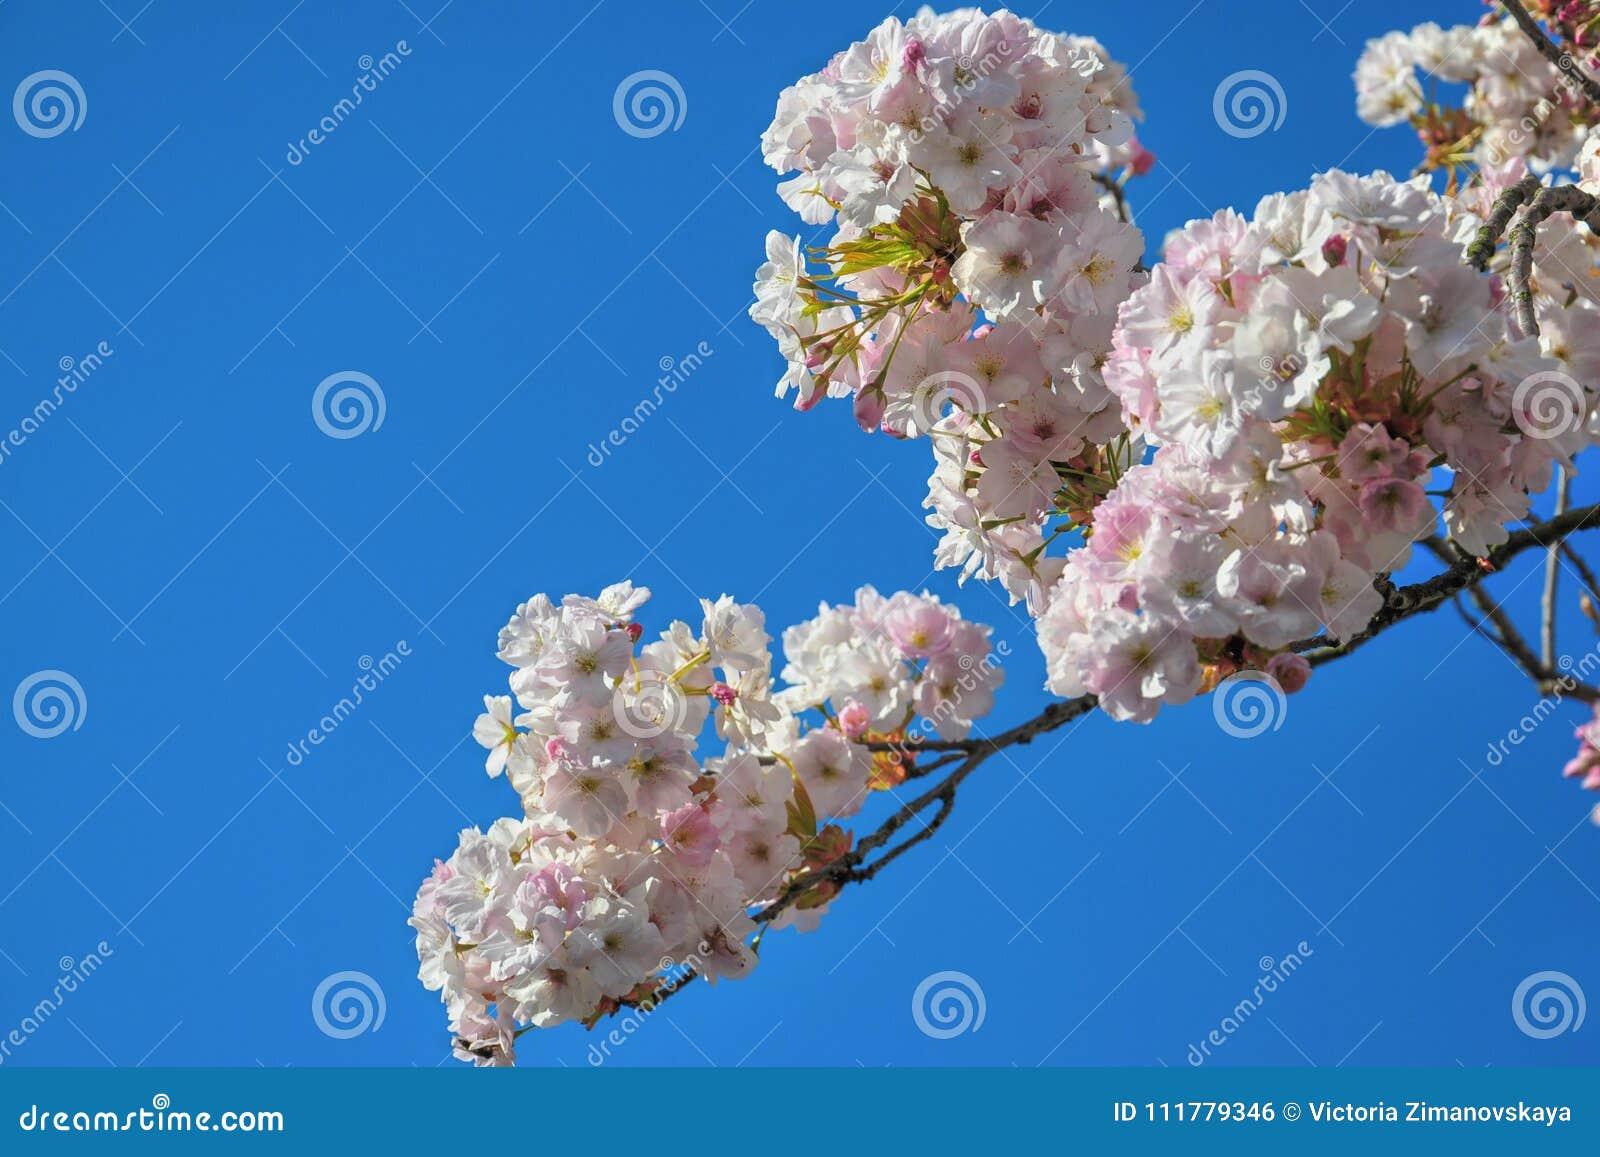 Άνθος των ρόδινων λουλουδιών sakura σε έναν κλάδο δέντρων κερασιών άνοιξη μακρο στενός επάνω πυροβολισμός